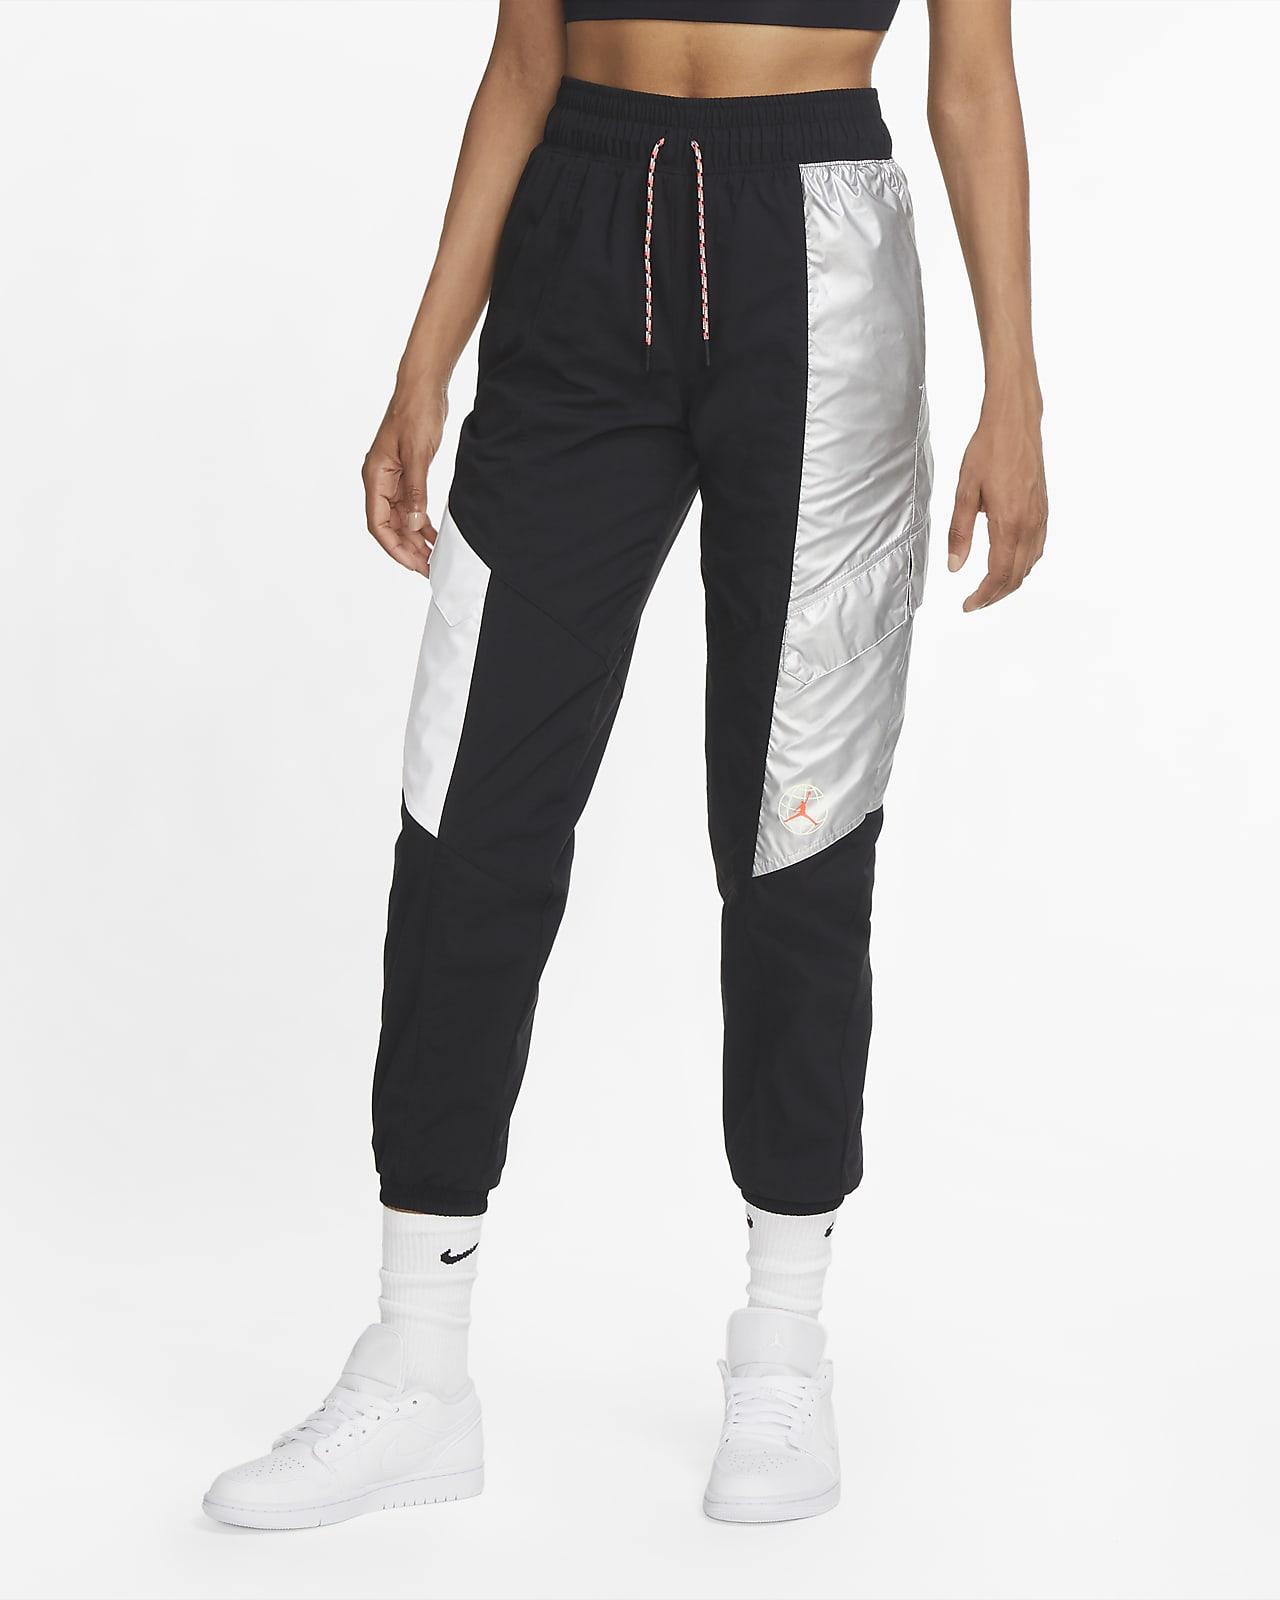 Jordan Winter Utility Women's Trousers